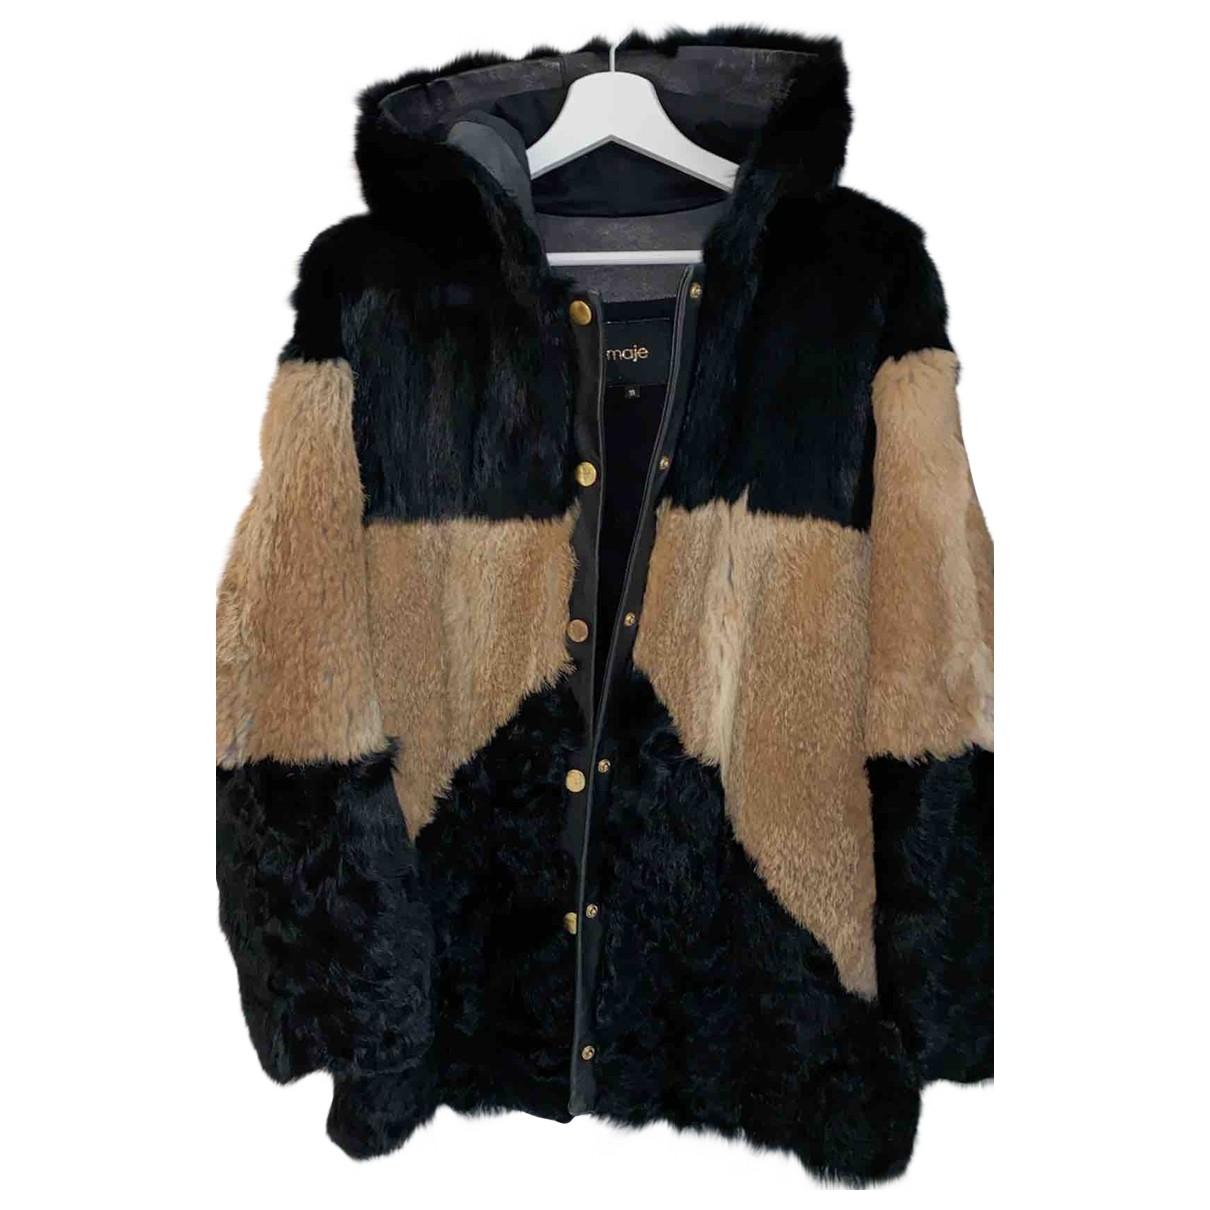 Maje - Manteau   pour femme en lapin - marron